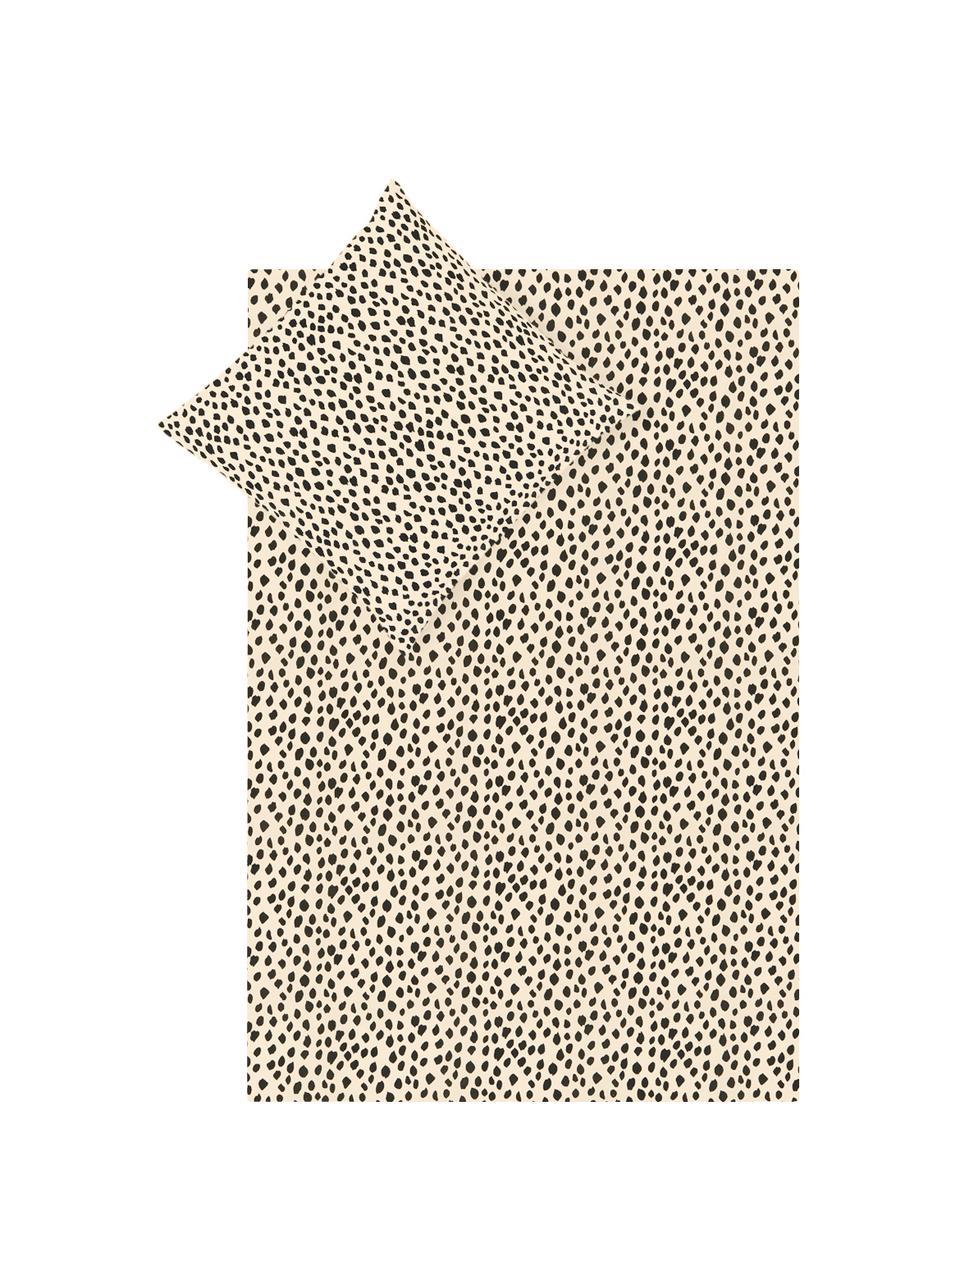 Pościel z bawełny Go Wild, 100% bawełna   Produkt wykonany jest z bawełny, która jest przyjemnie miękka dla skóry, dobrze wchłania wilgoć i jest odpowiednia dla alergików, Beżowy,czarny, 135 x 200 cm + 1 poduszka 80 x 80 cm